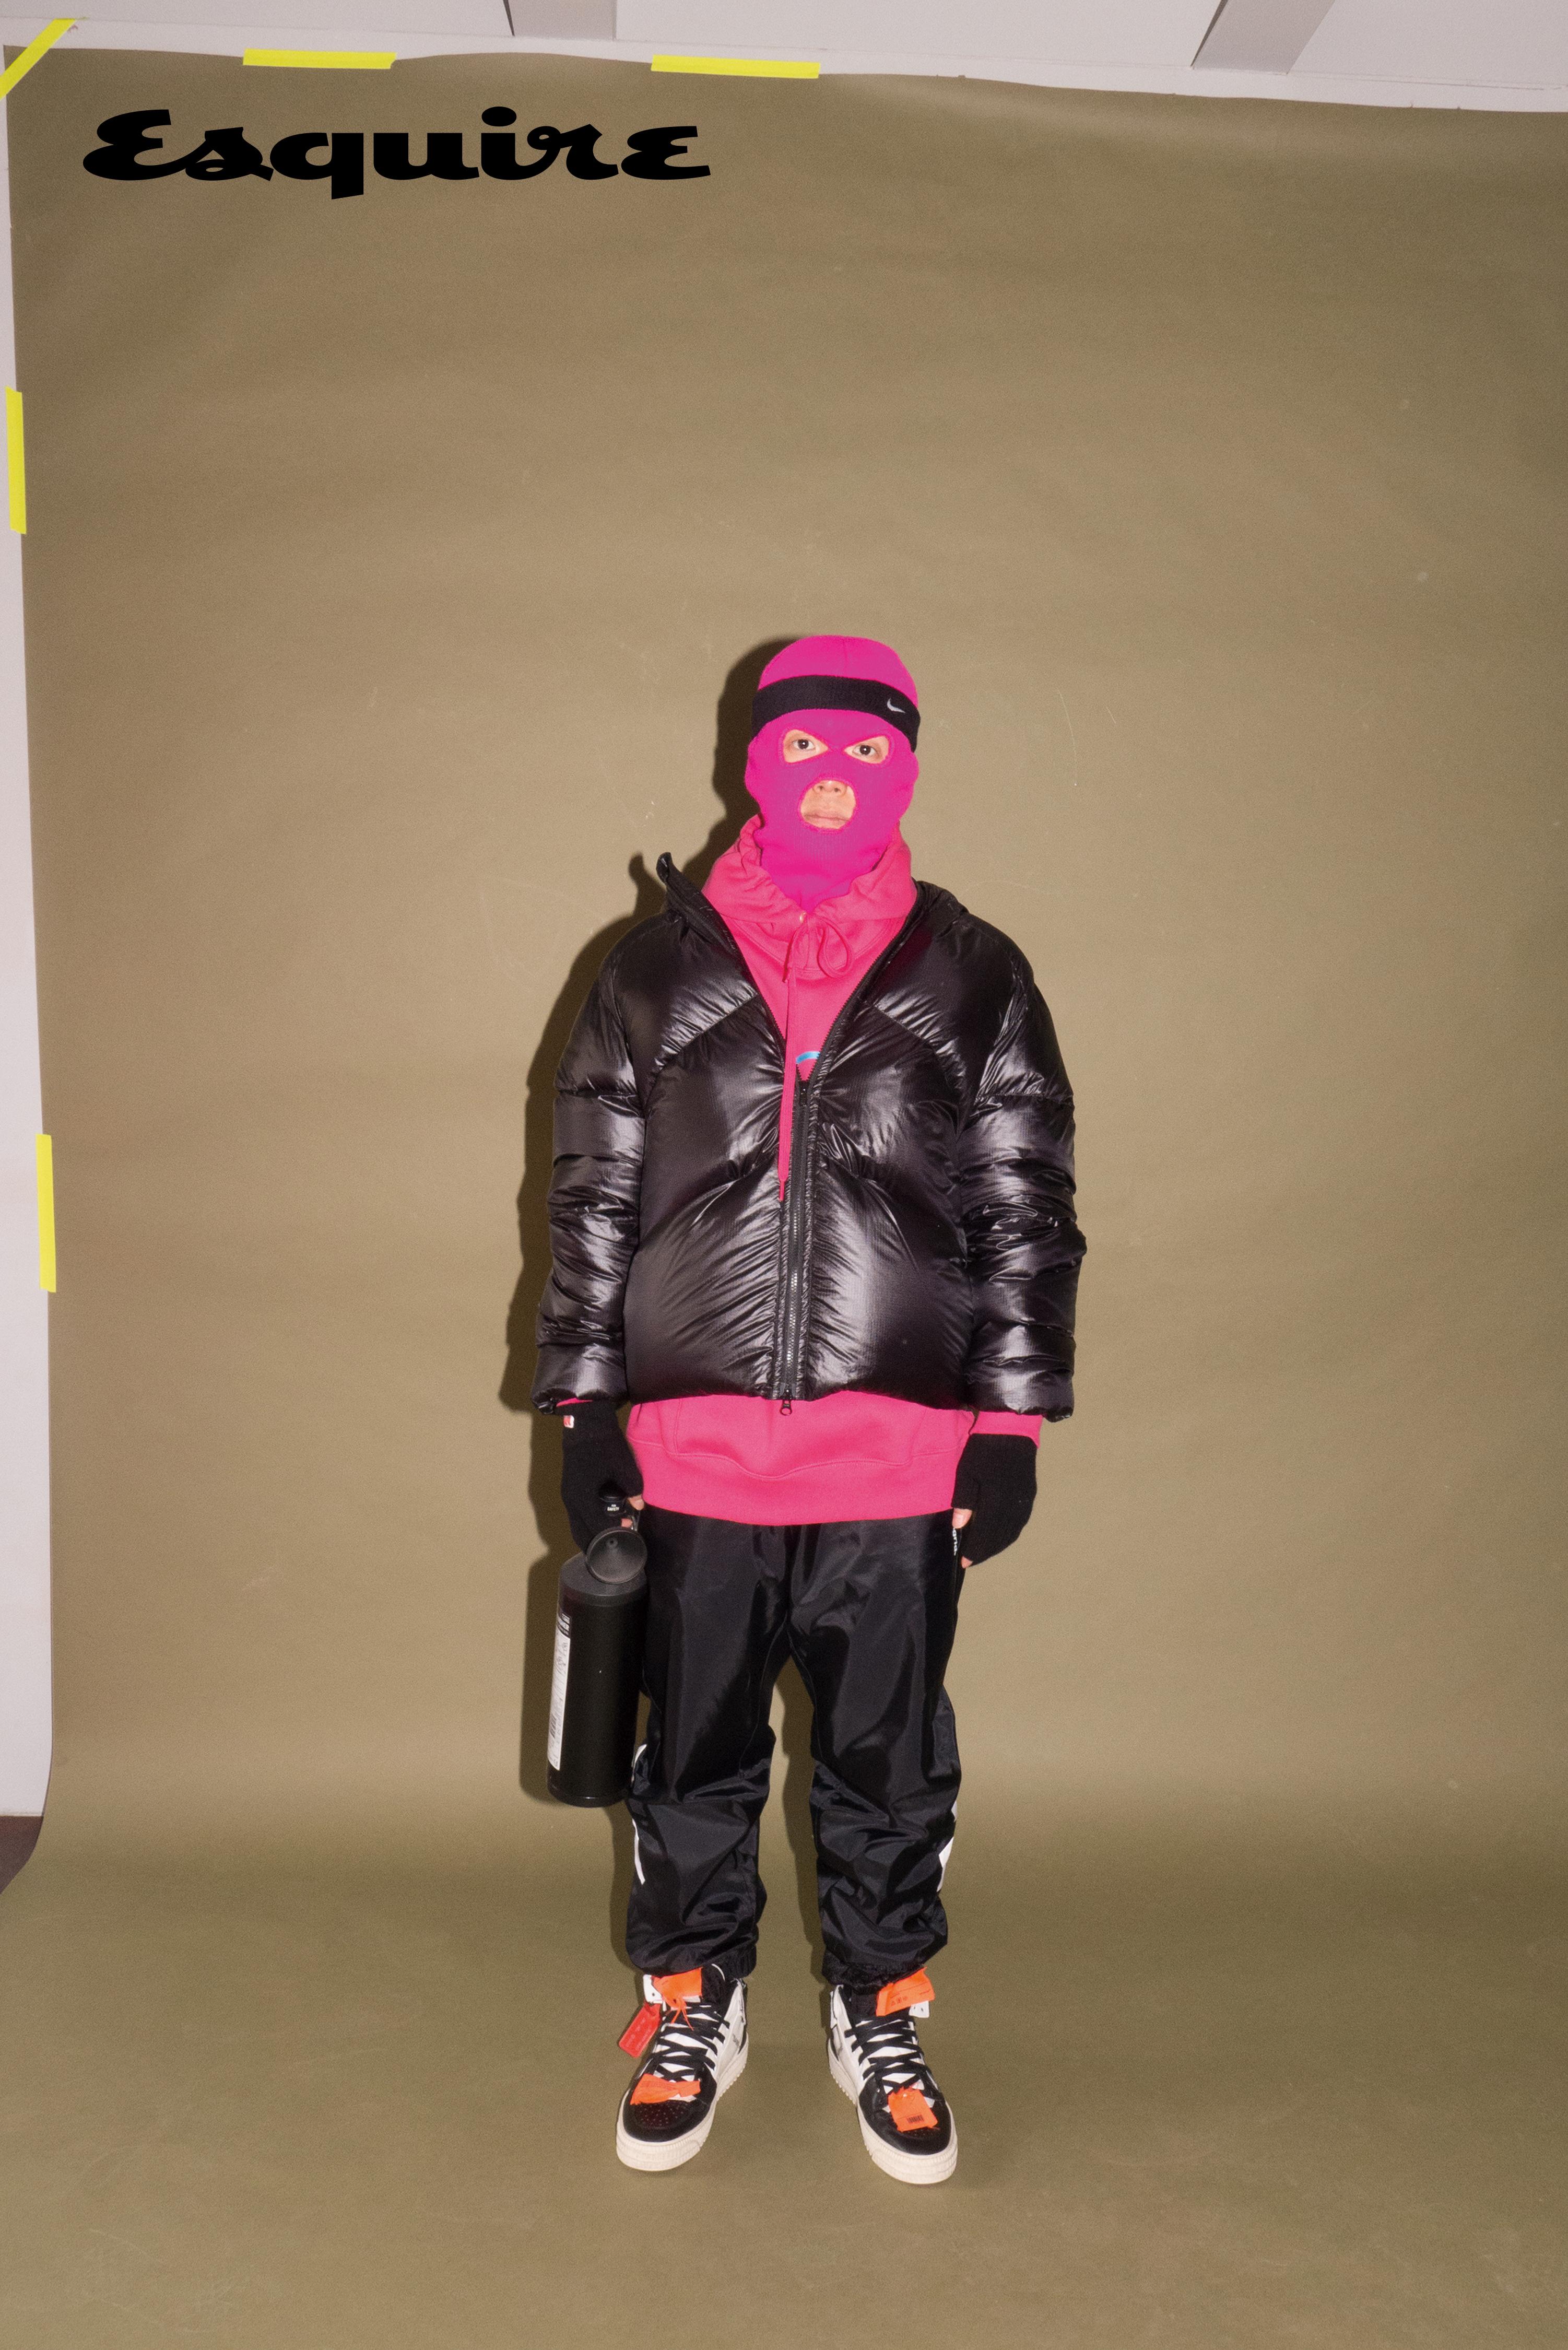 점퍼 몽클레르. 후드 티셔츠, 바지 모두 마하그리드. 스니커즈 오프화이트. 헤드밴드 나이키. 분홍색 비니는 마미손 소장품.